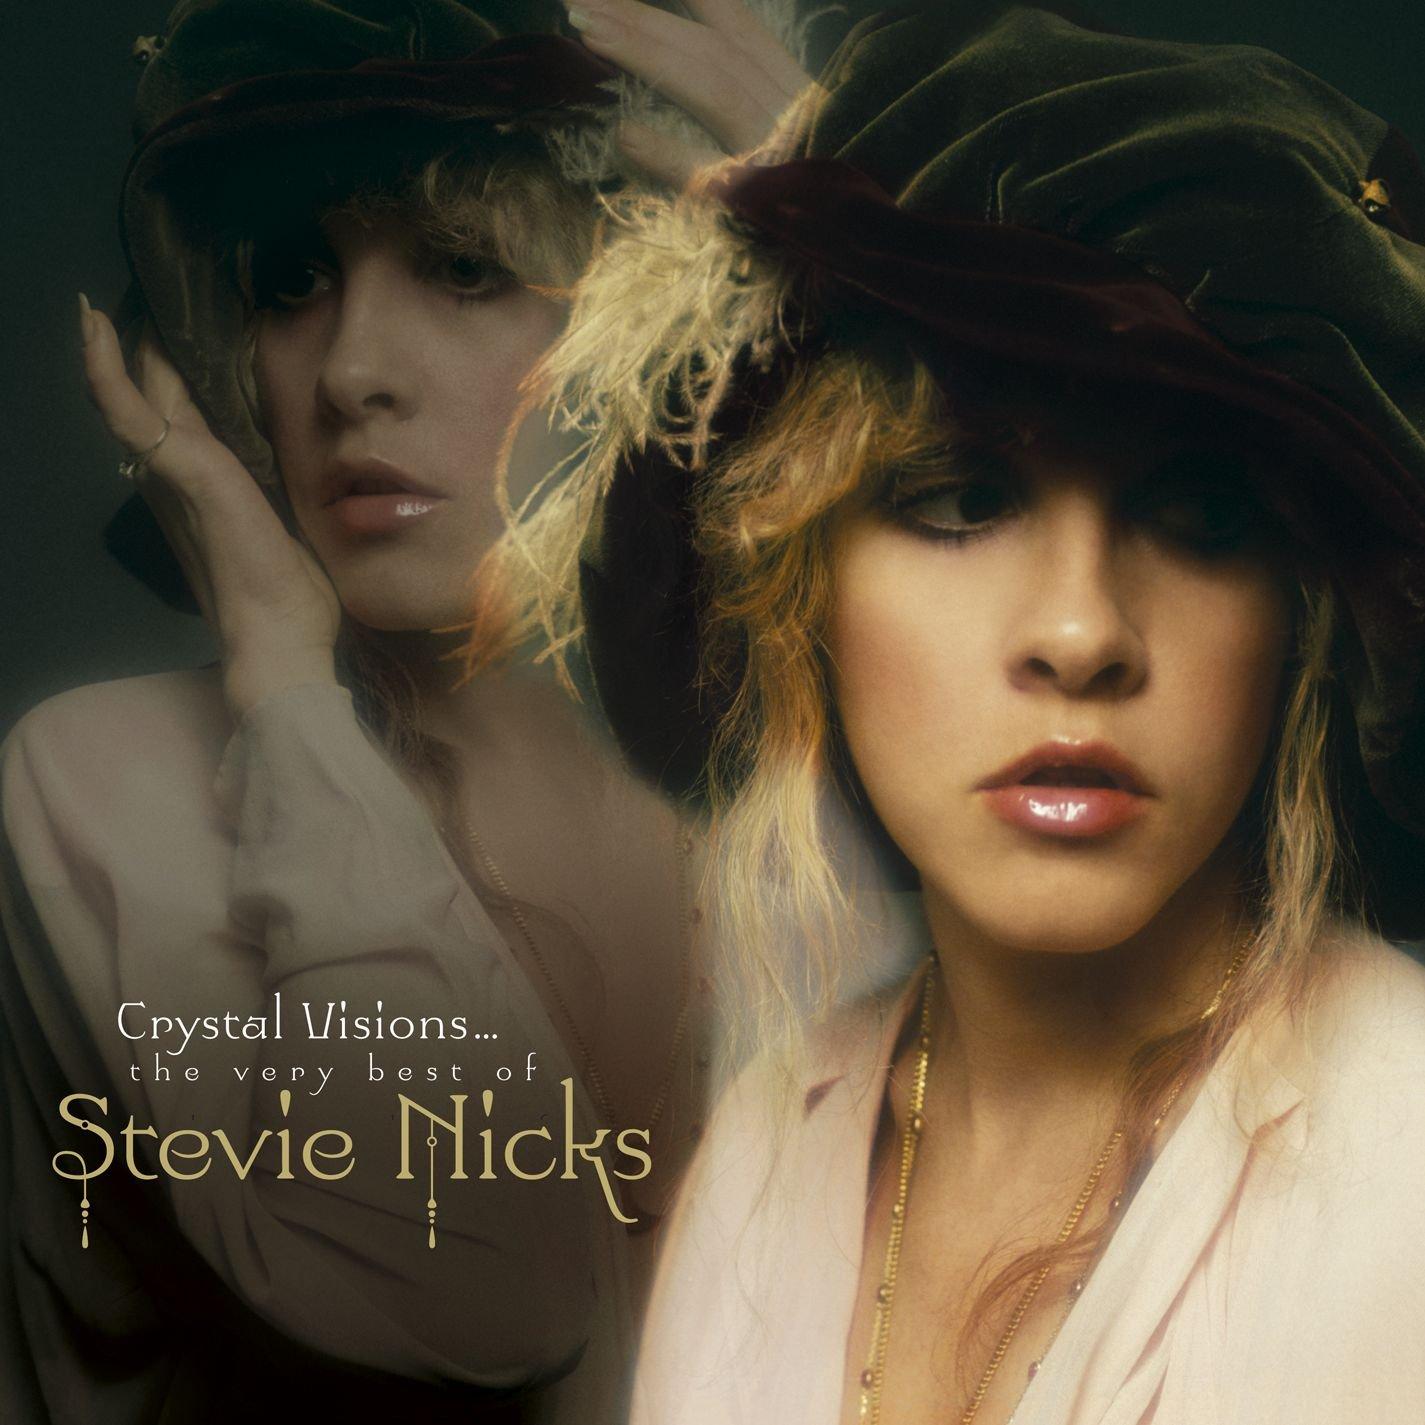 CD : Stevie Nicks - Crystal Visions: The Very Best Of Stevie Nicks (CD)